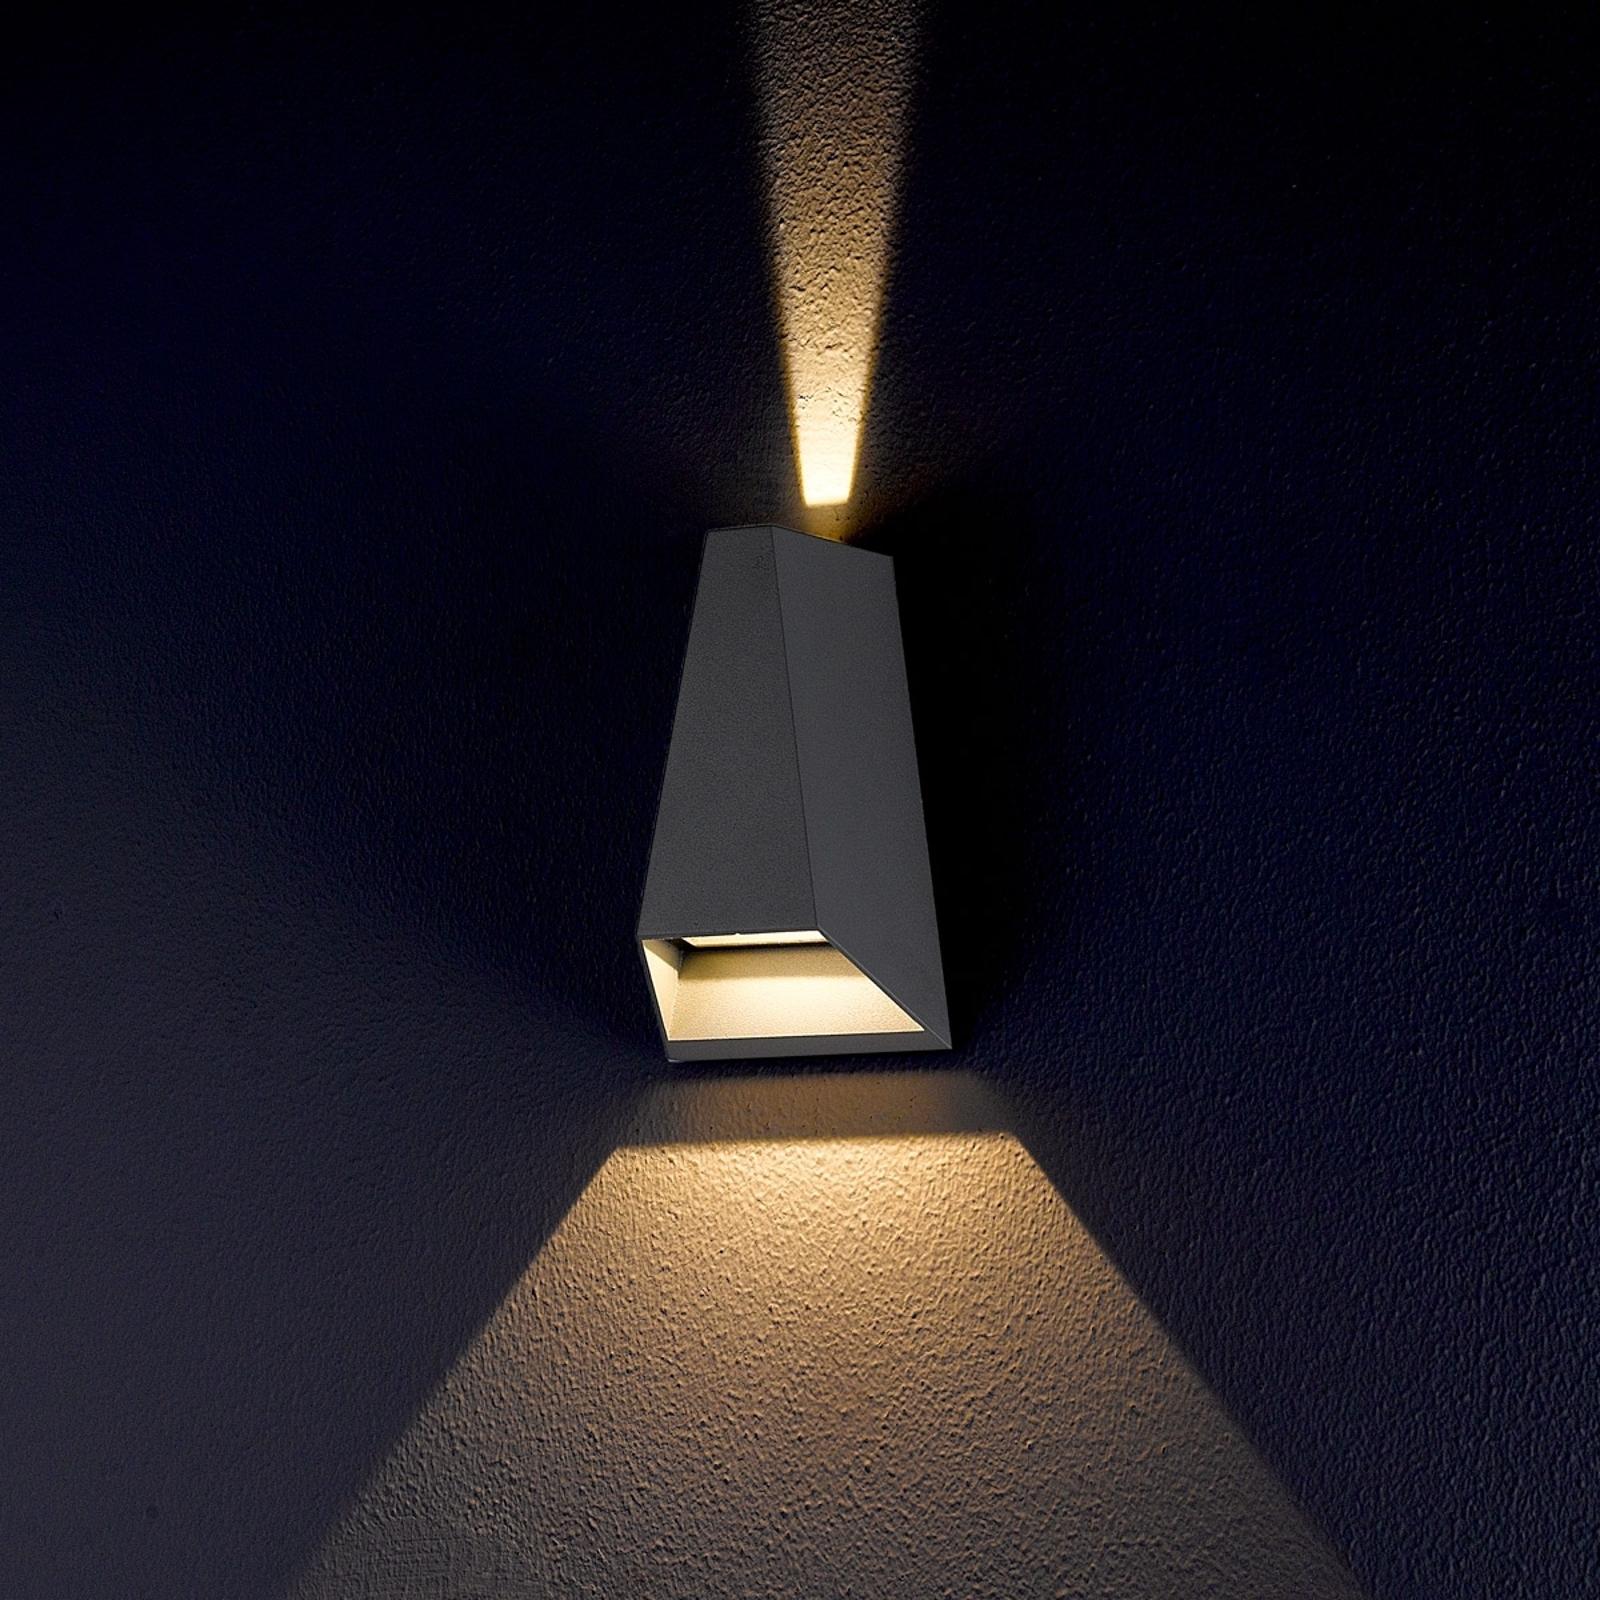 Zweifach strahlende LED-Außenwandleuchte Jendrik